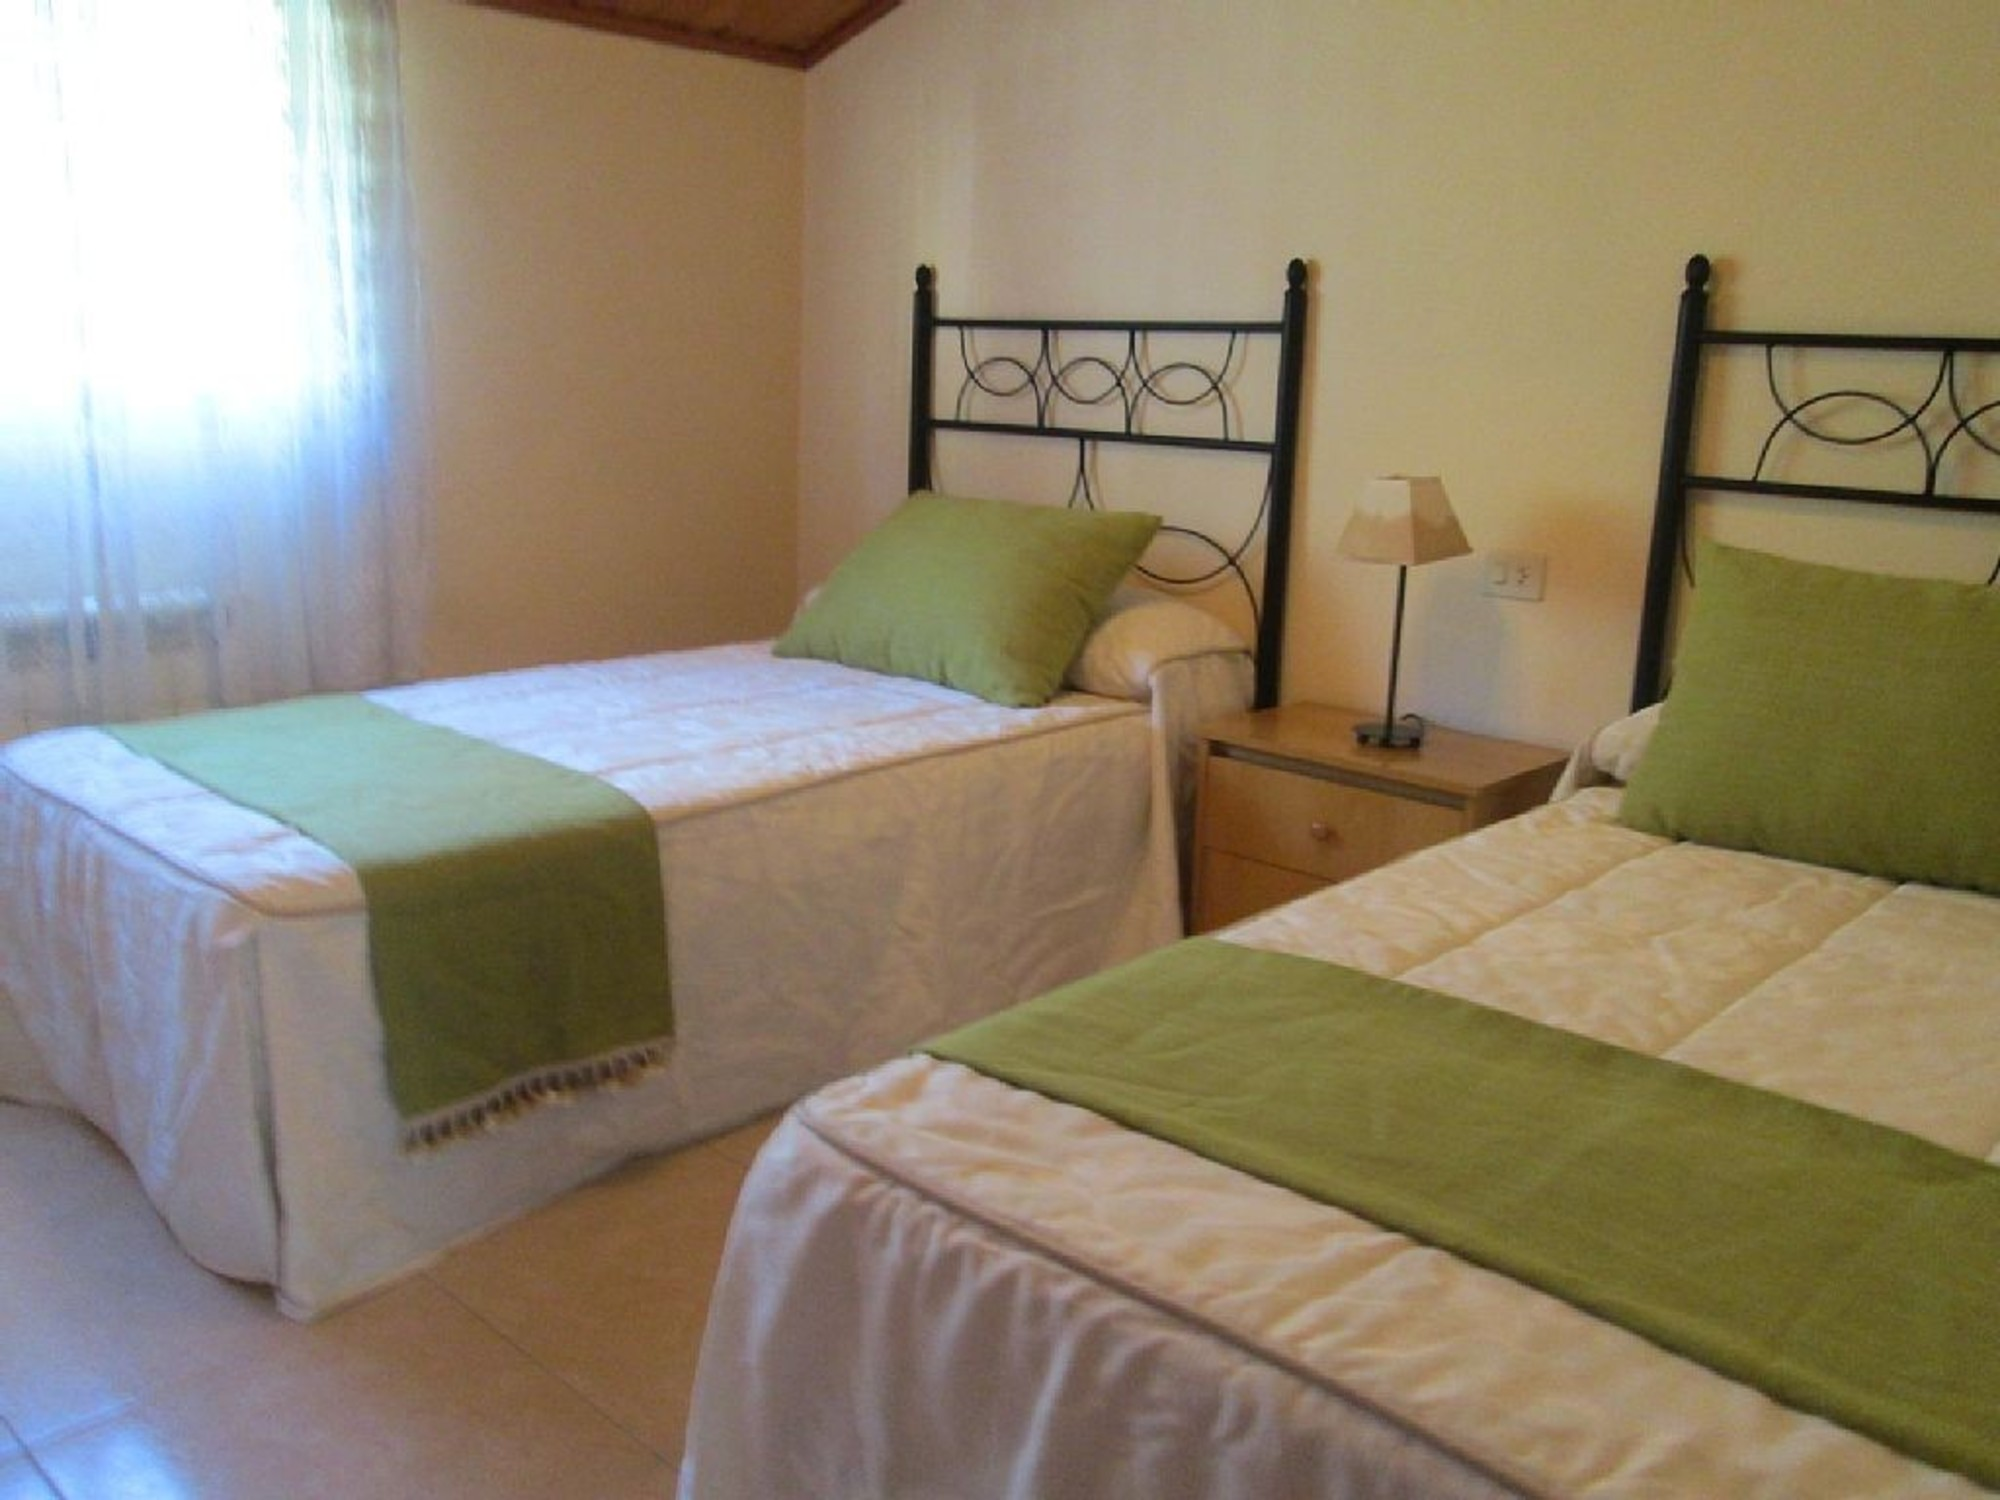 Ferienwohnung Apartment - 3 Bedrooms with WiFi - 100424 (1937594), Bueu, Rias Bajas, Galicien, Spanien, Bild 8